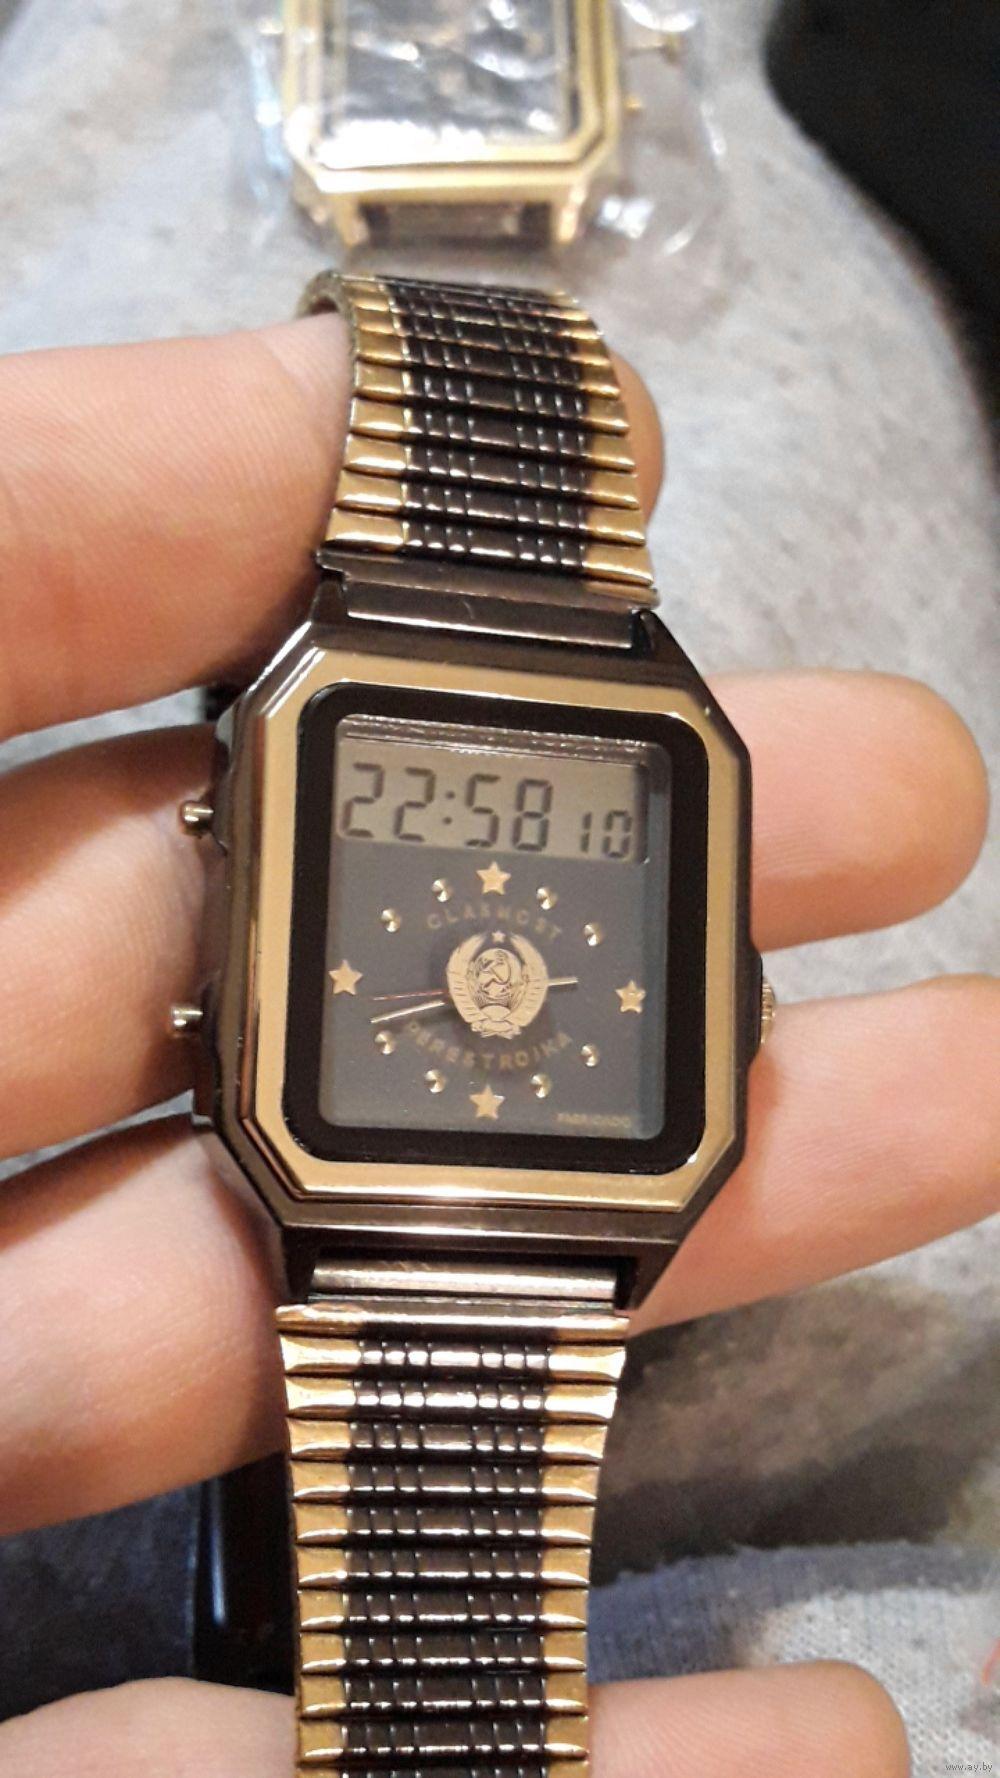 В комплекте: часы, браслет и нейлоновый ремень, подарочная коробка, инструкция, гарантийный талон.